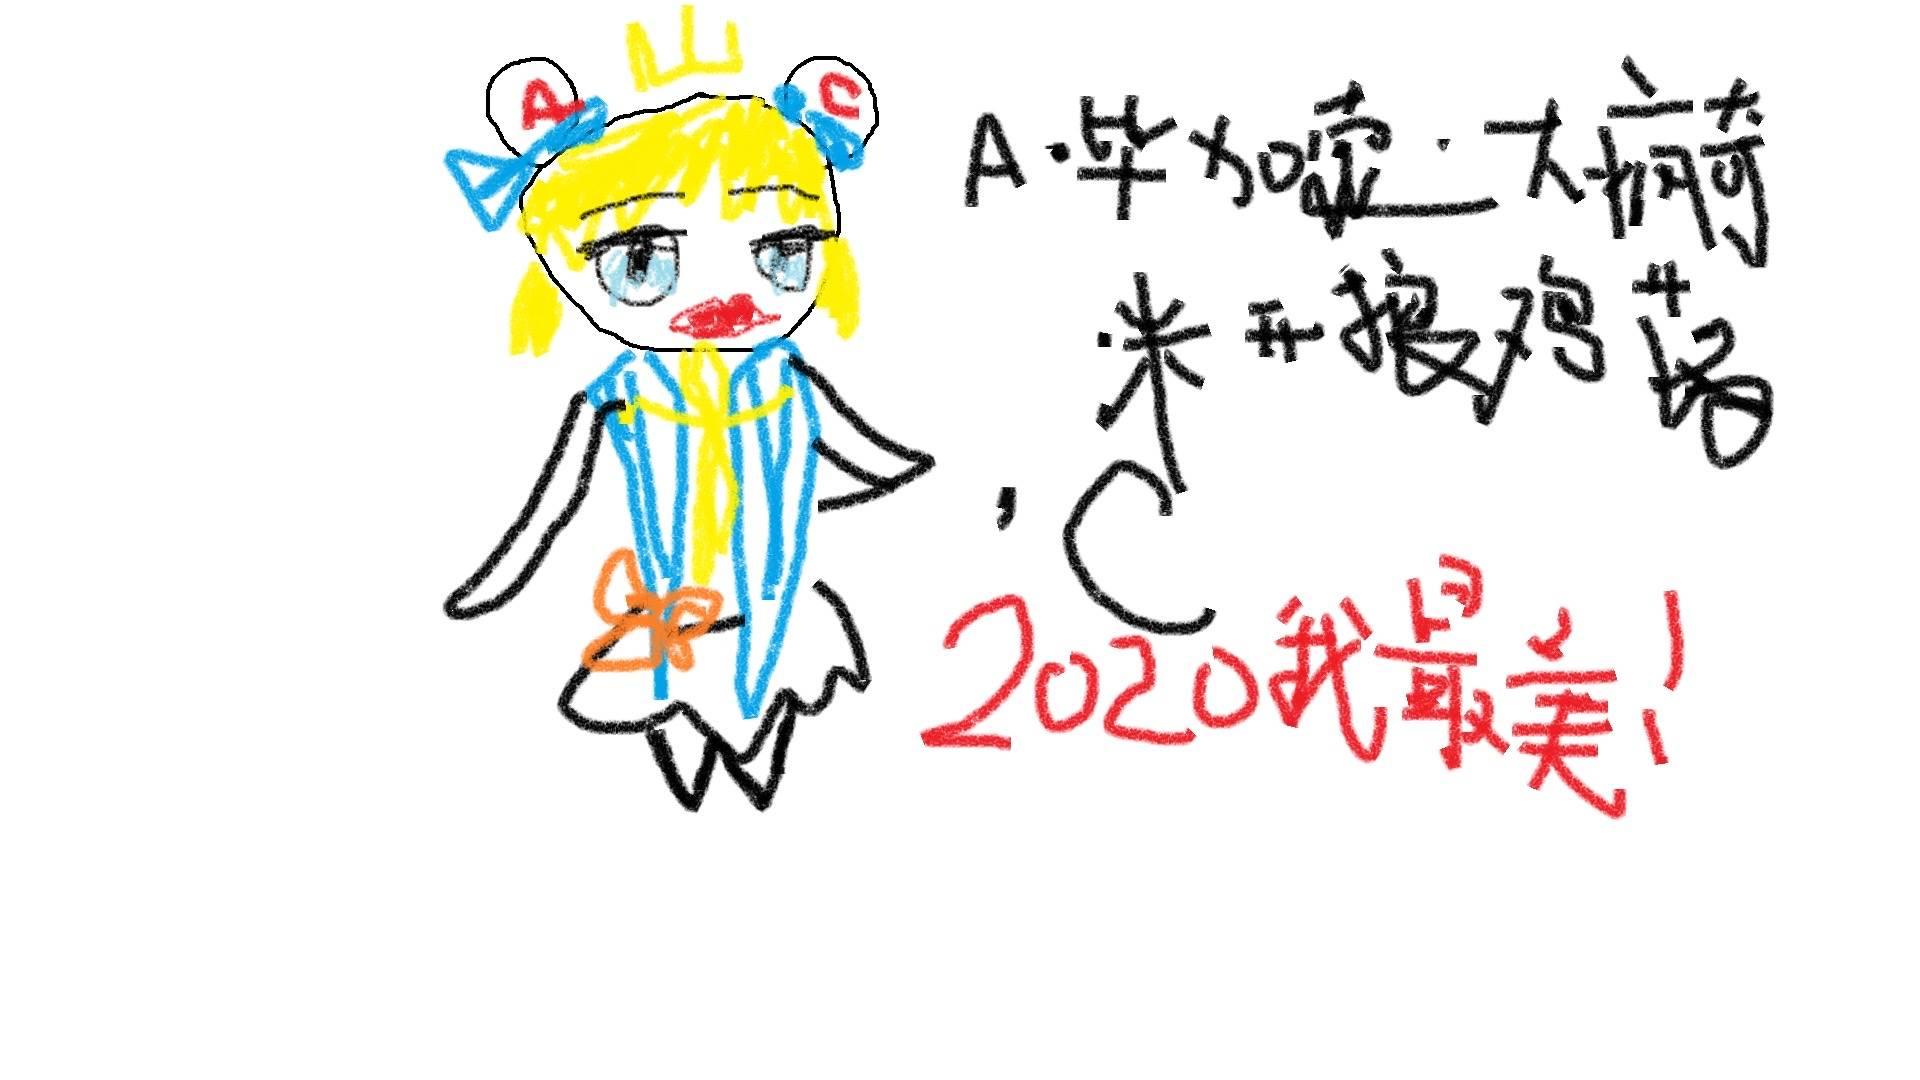 土妞录播 20191231 跨年哩!ac娘最美!